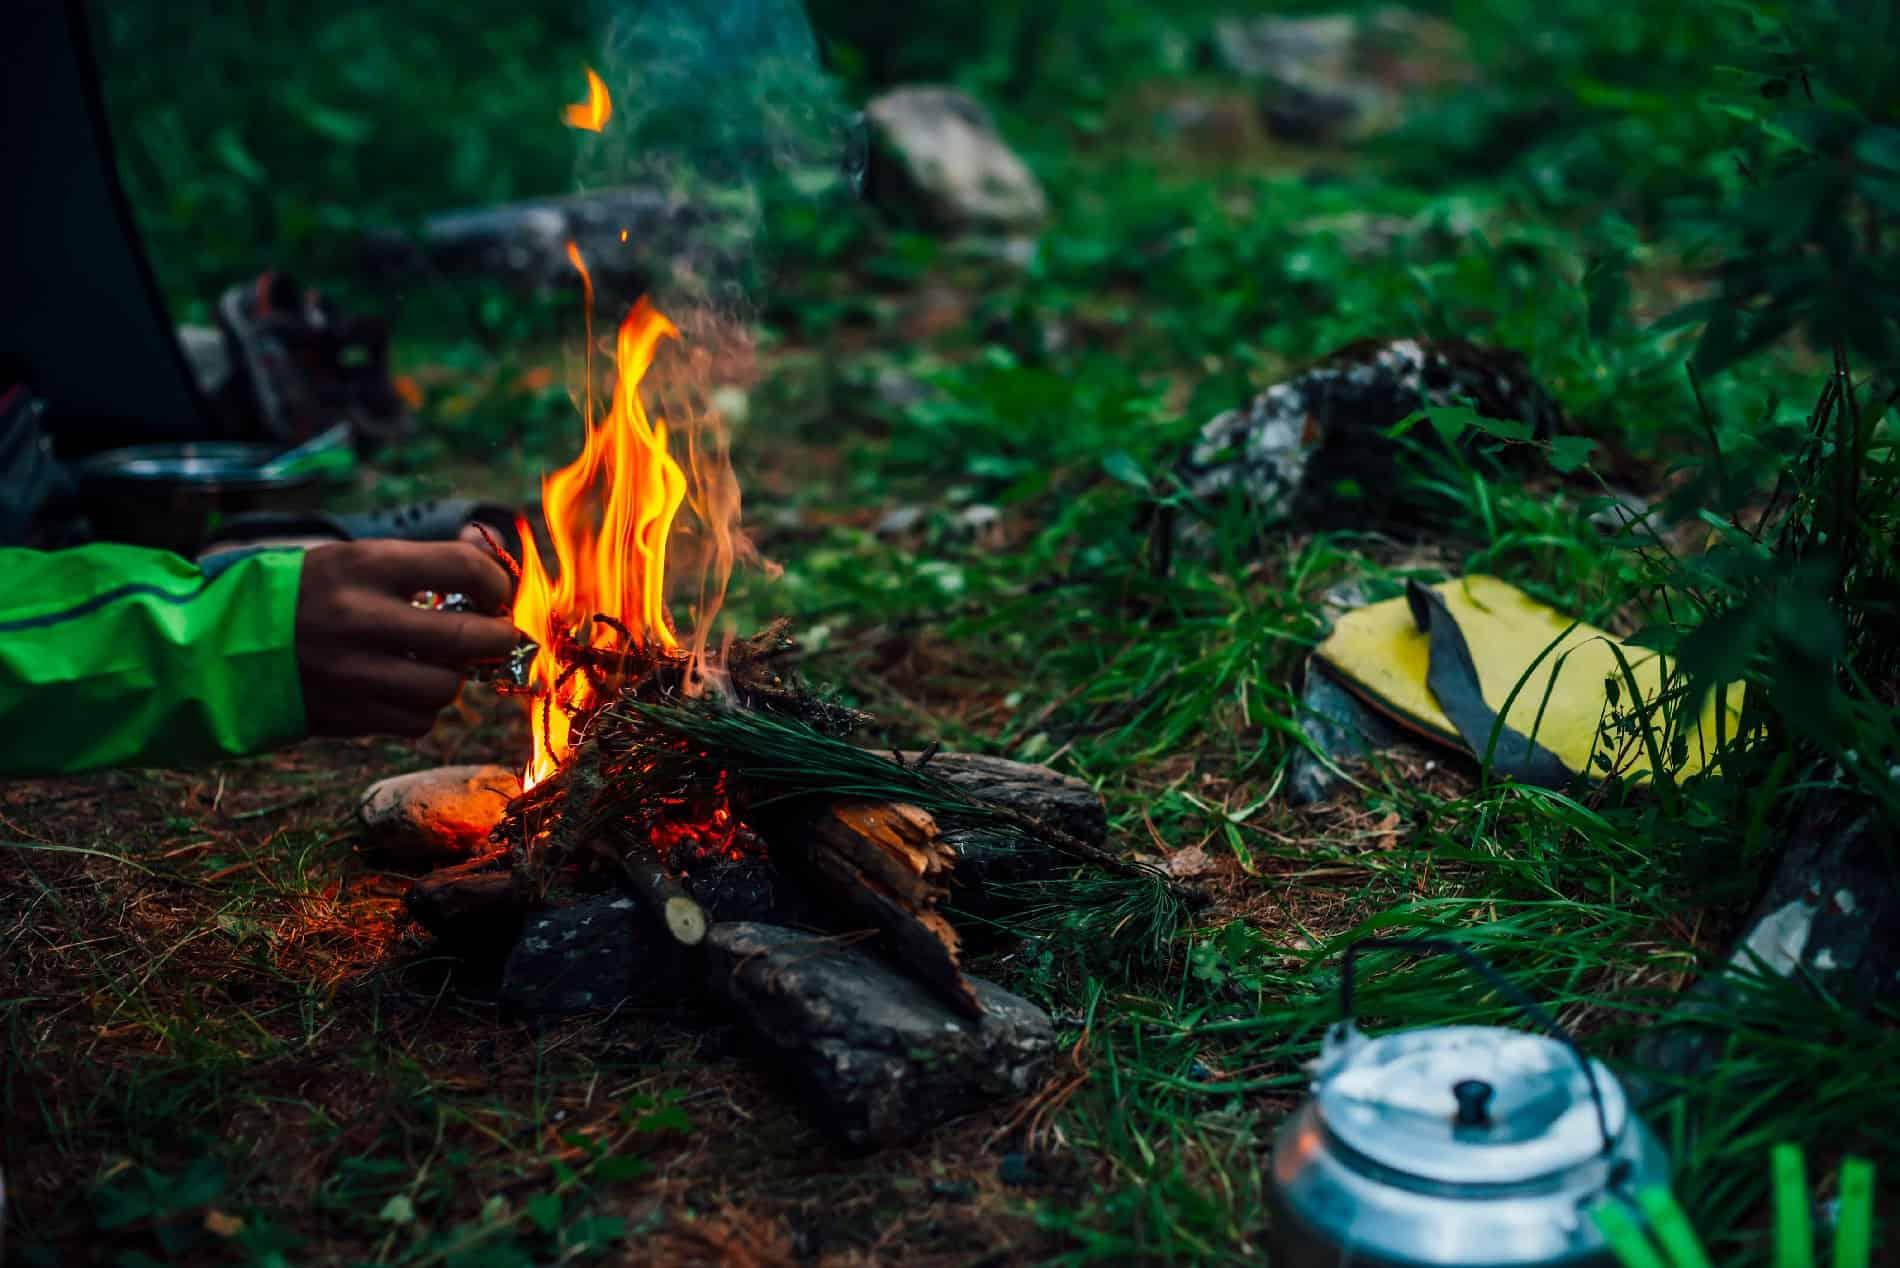 Bushcraft: accensione di un fuoco nel bosco